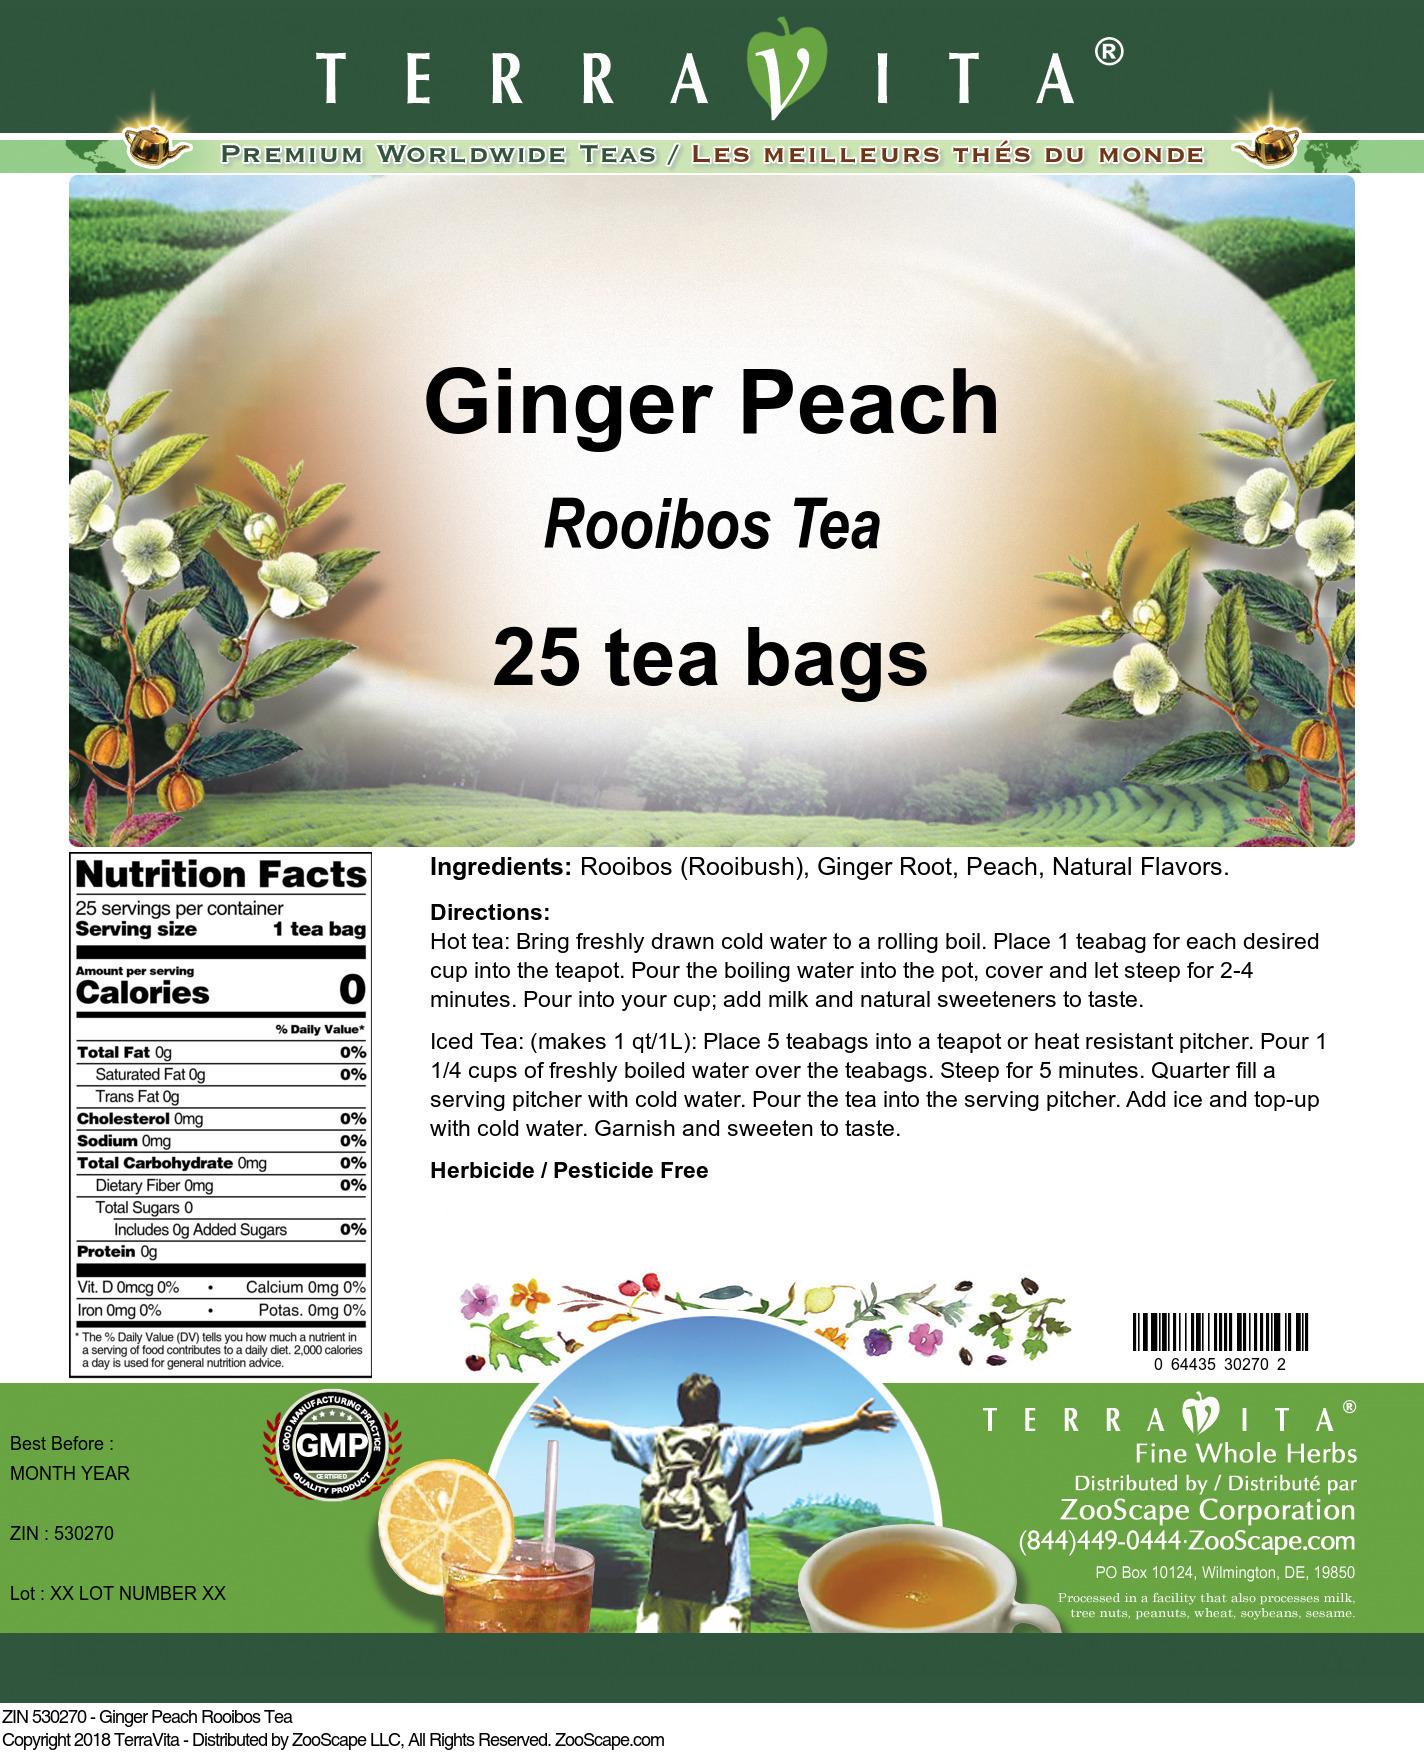 Ginger Peach Rooibos Tea